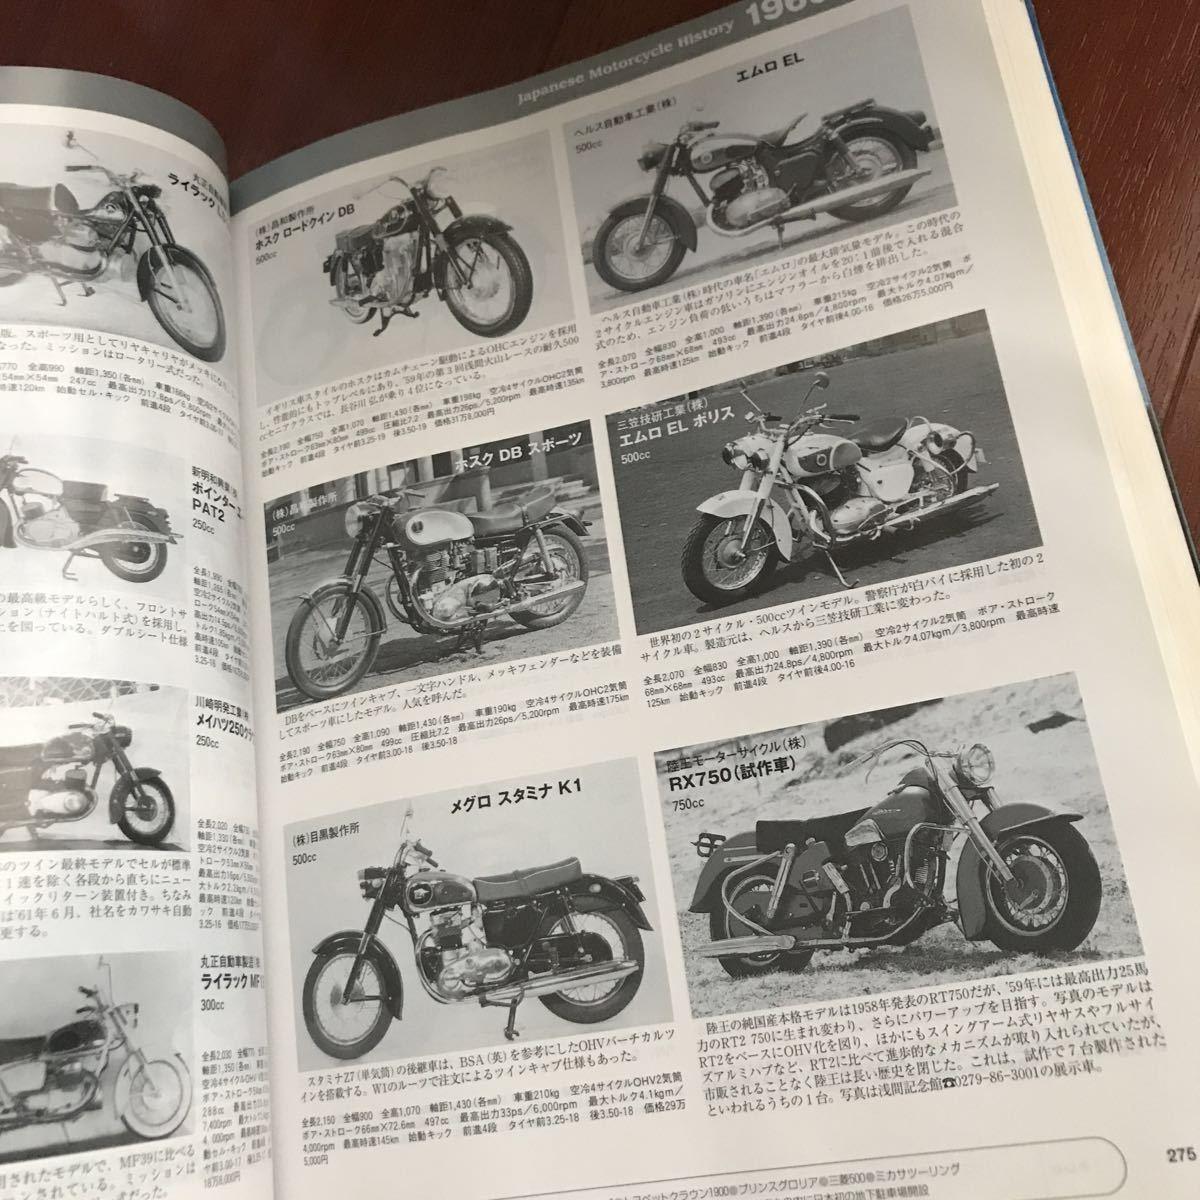 日本モーターサイクル史 1945~2007 八重洲出版創立50周年記念企画 希少 バイク 貴重 レア 即決あり_画像3